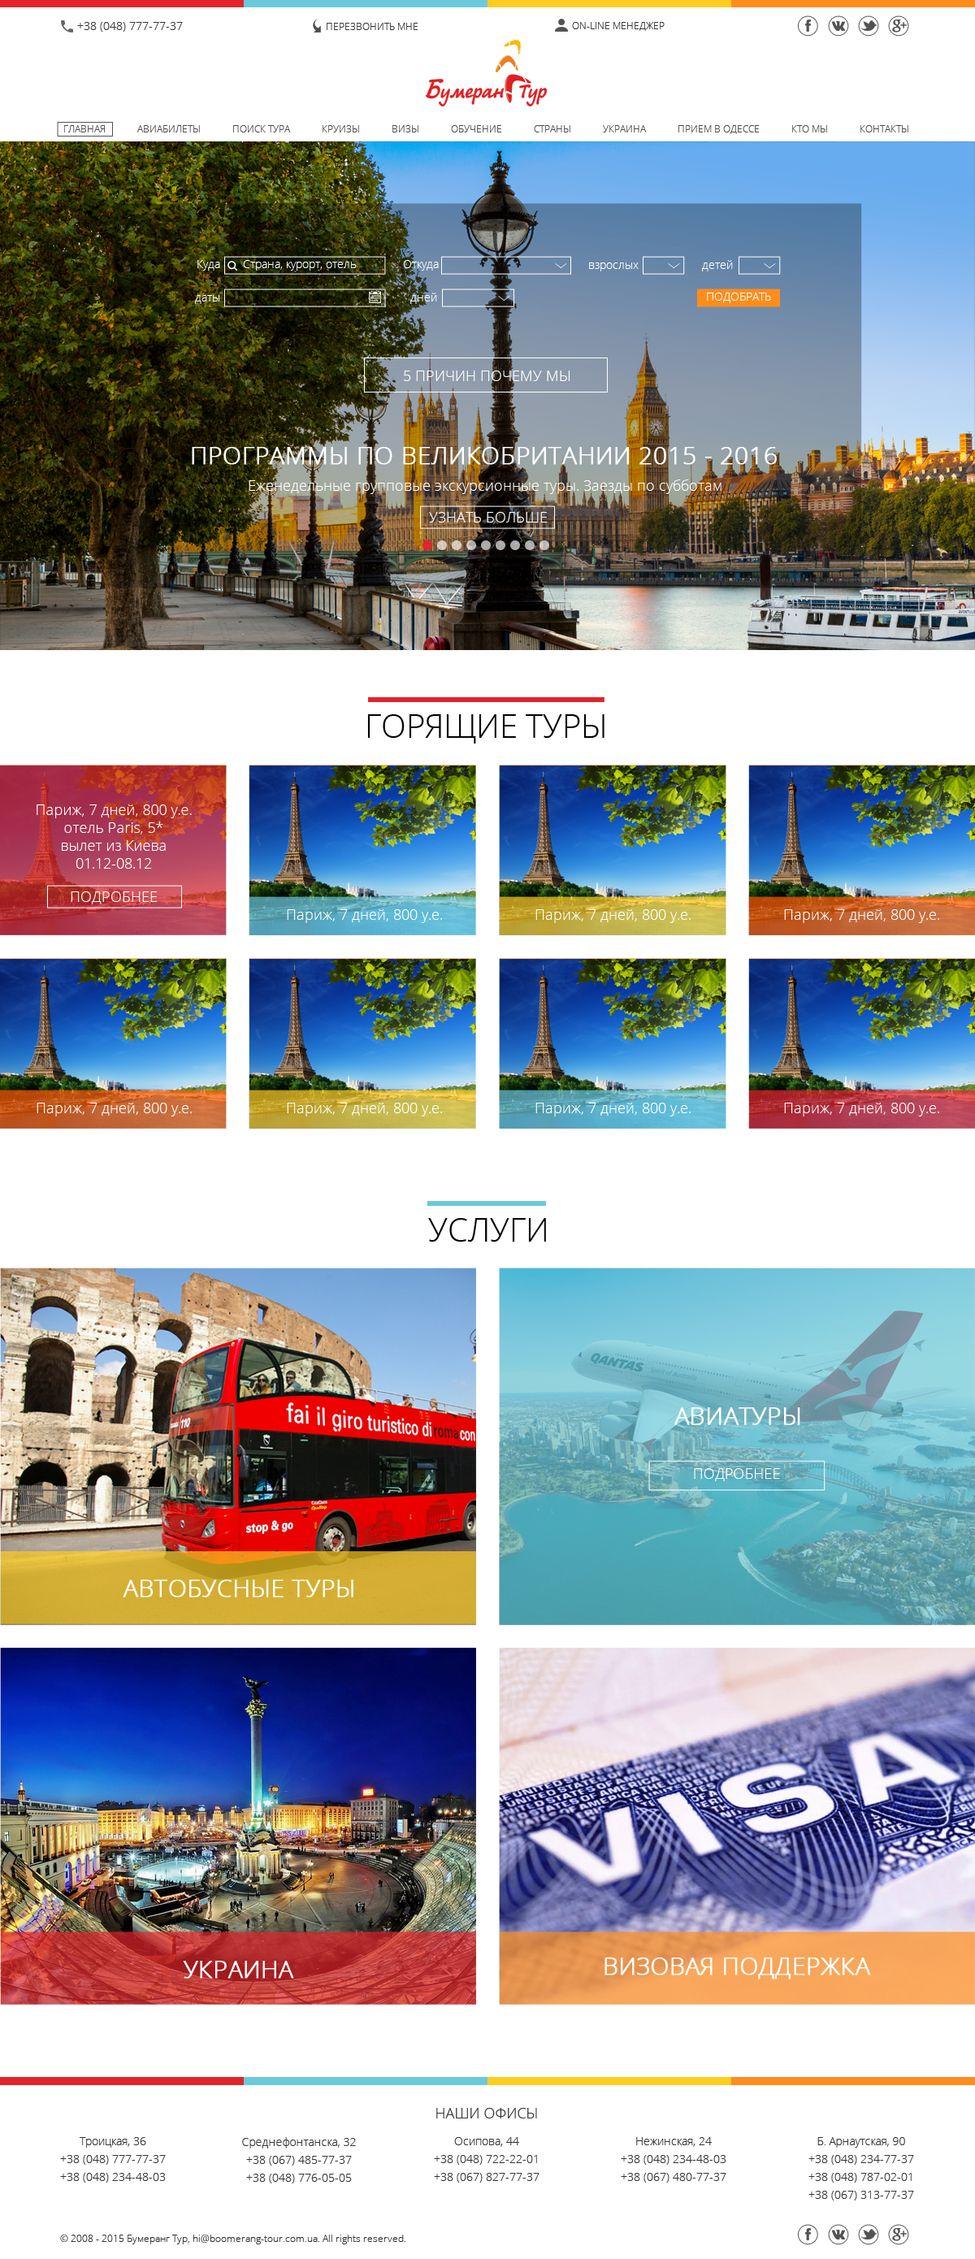 Новый дизайн для тур-агенства